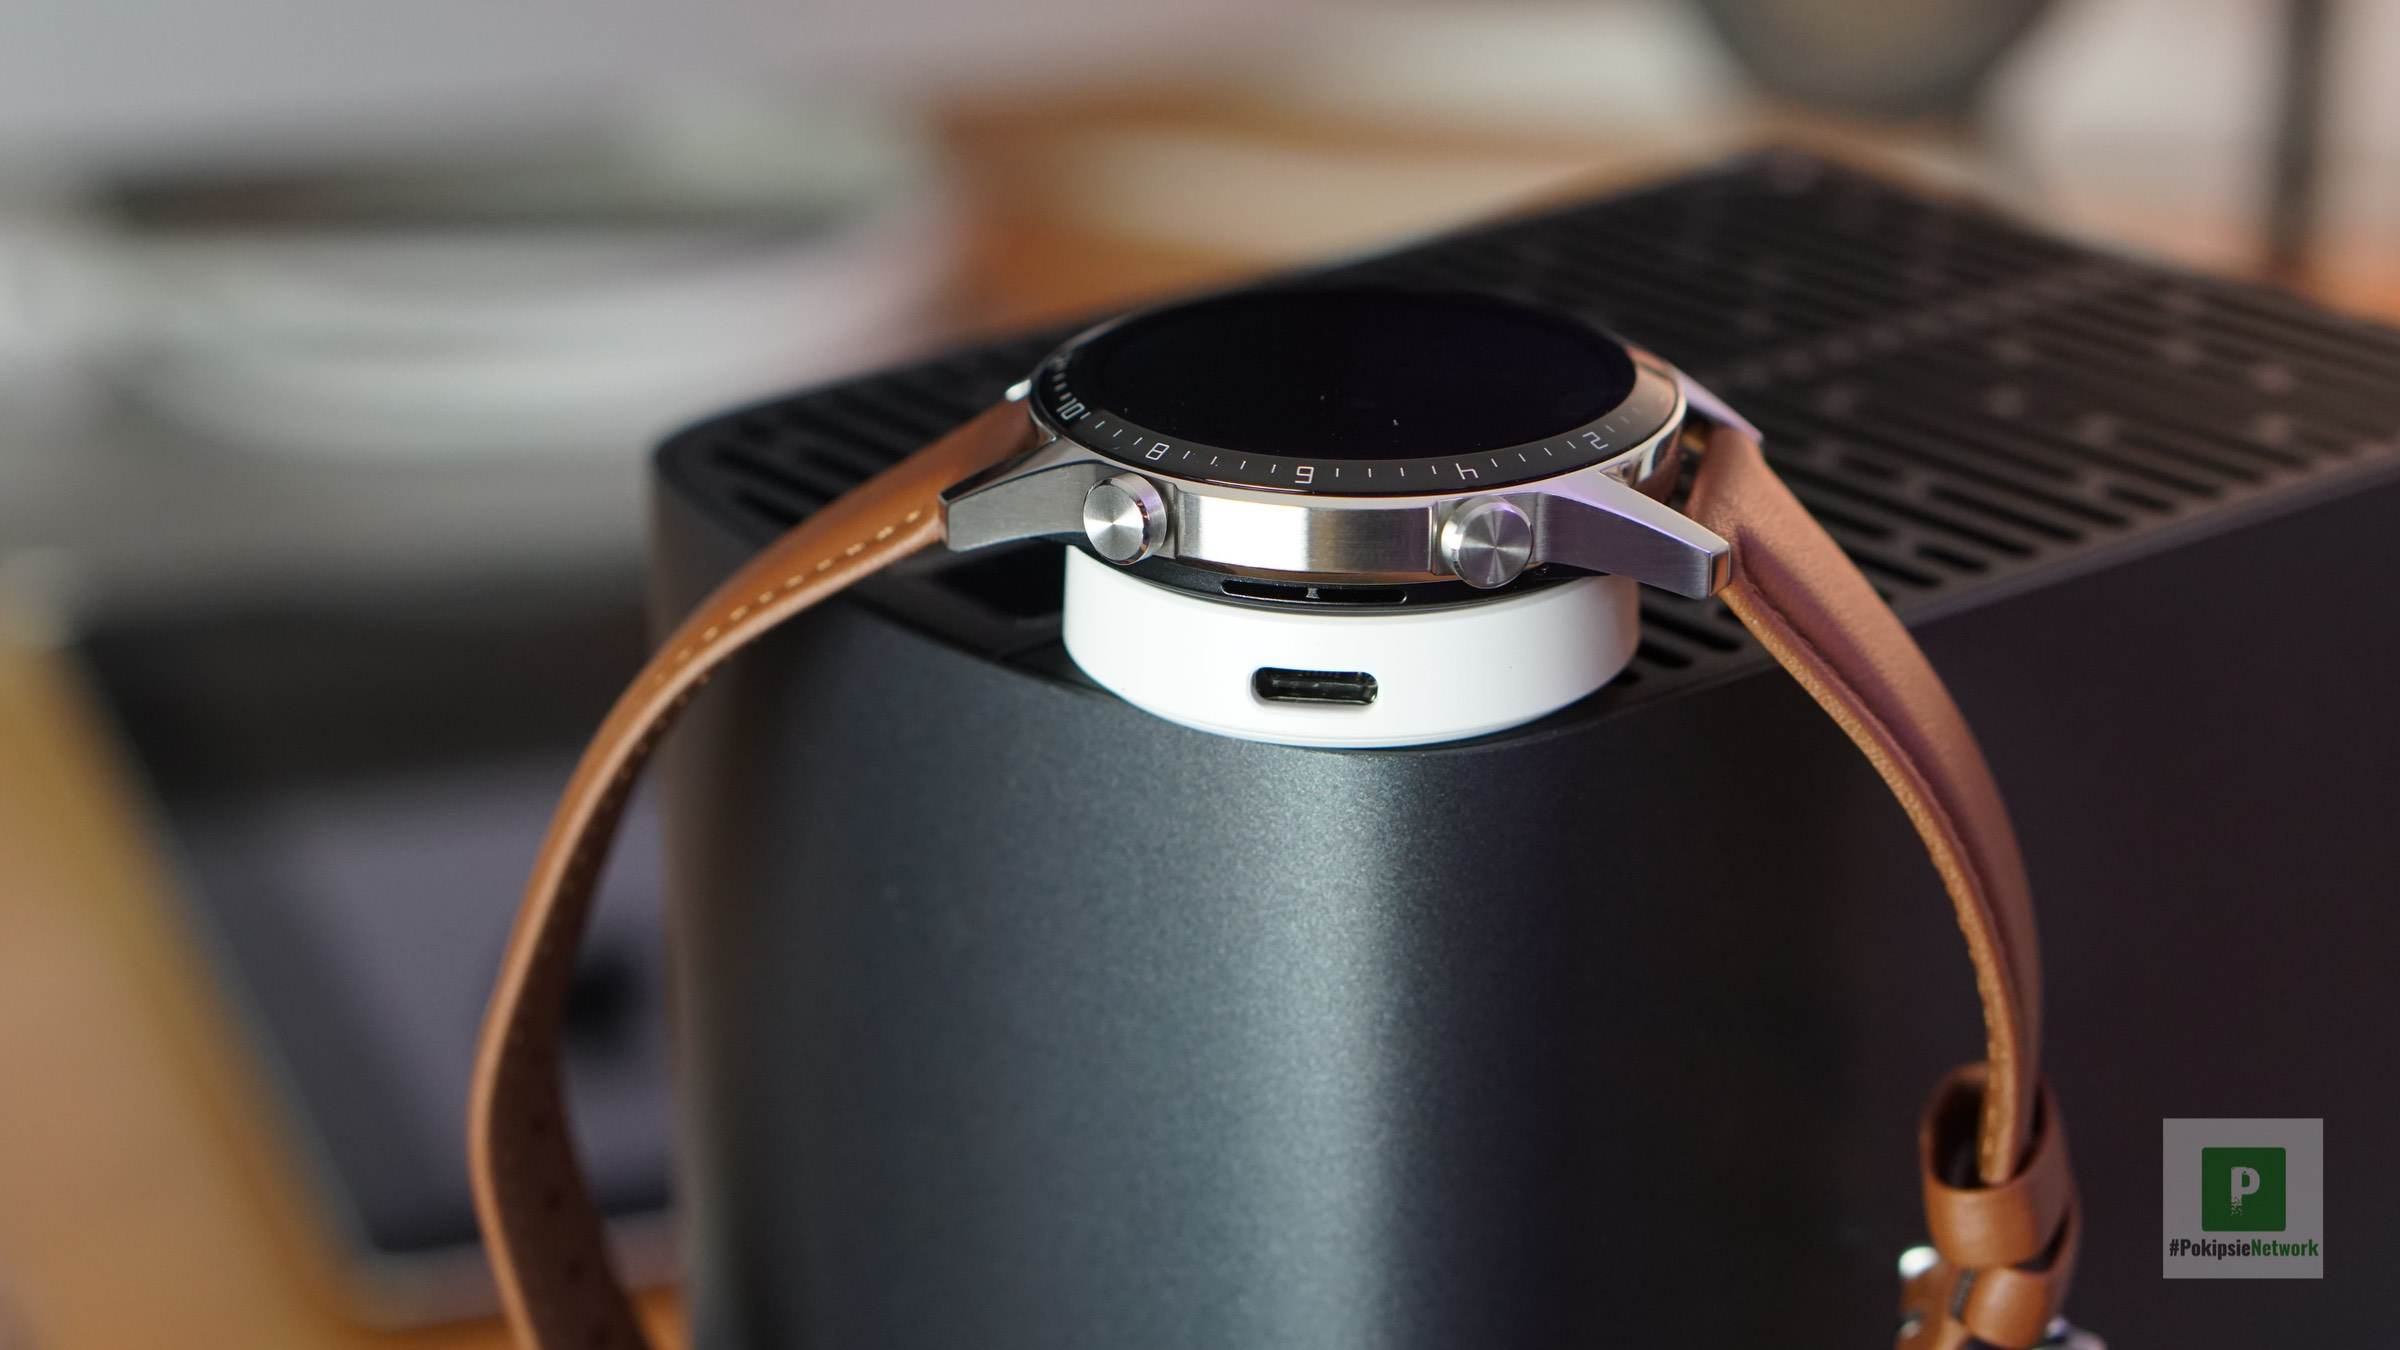 Die Smartwatch auf dem Ladepuck